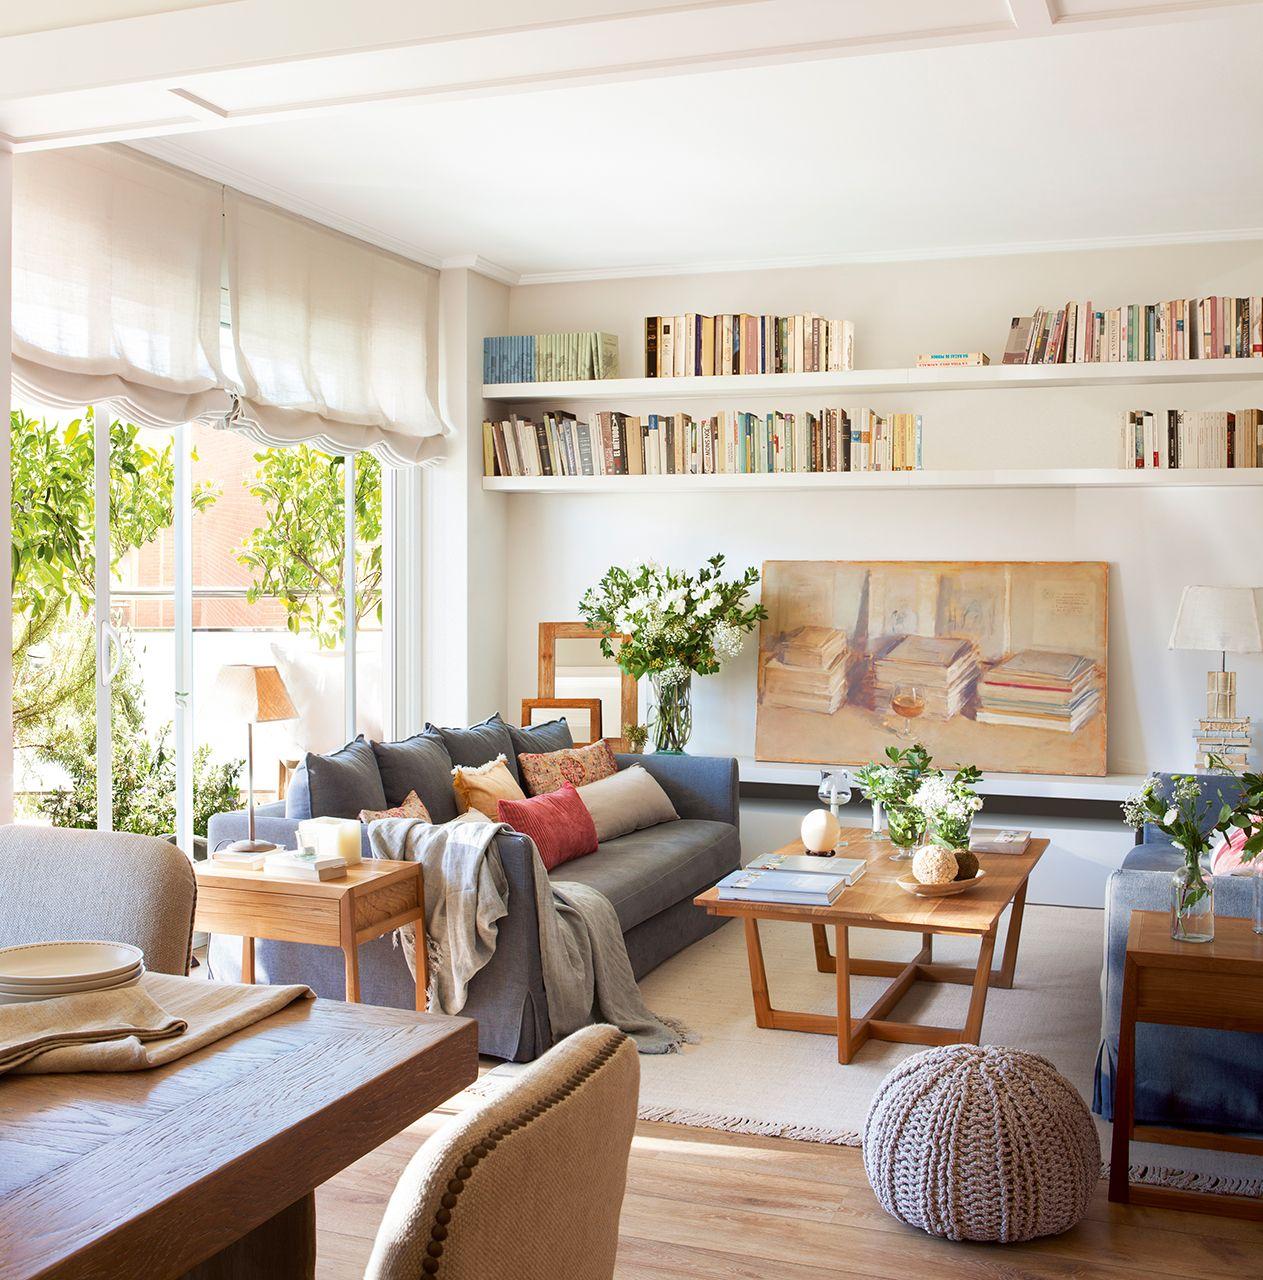 En el sal n comedor en 2019 espacios salones for Casa paulina muebles y decoracion